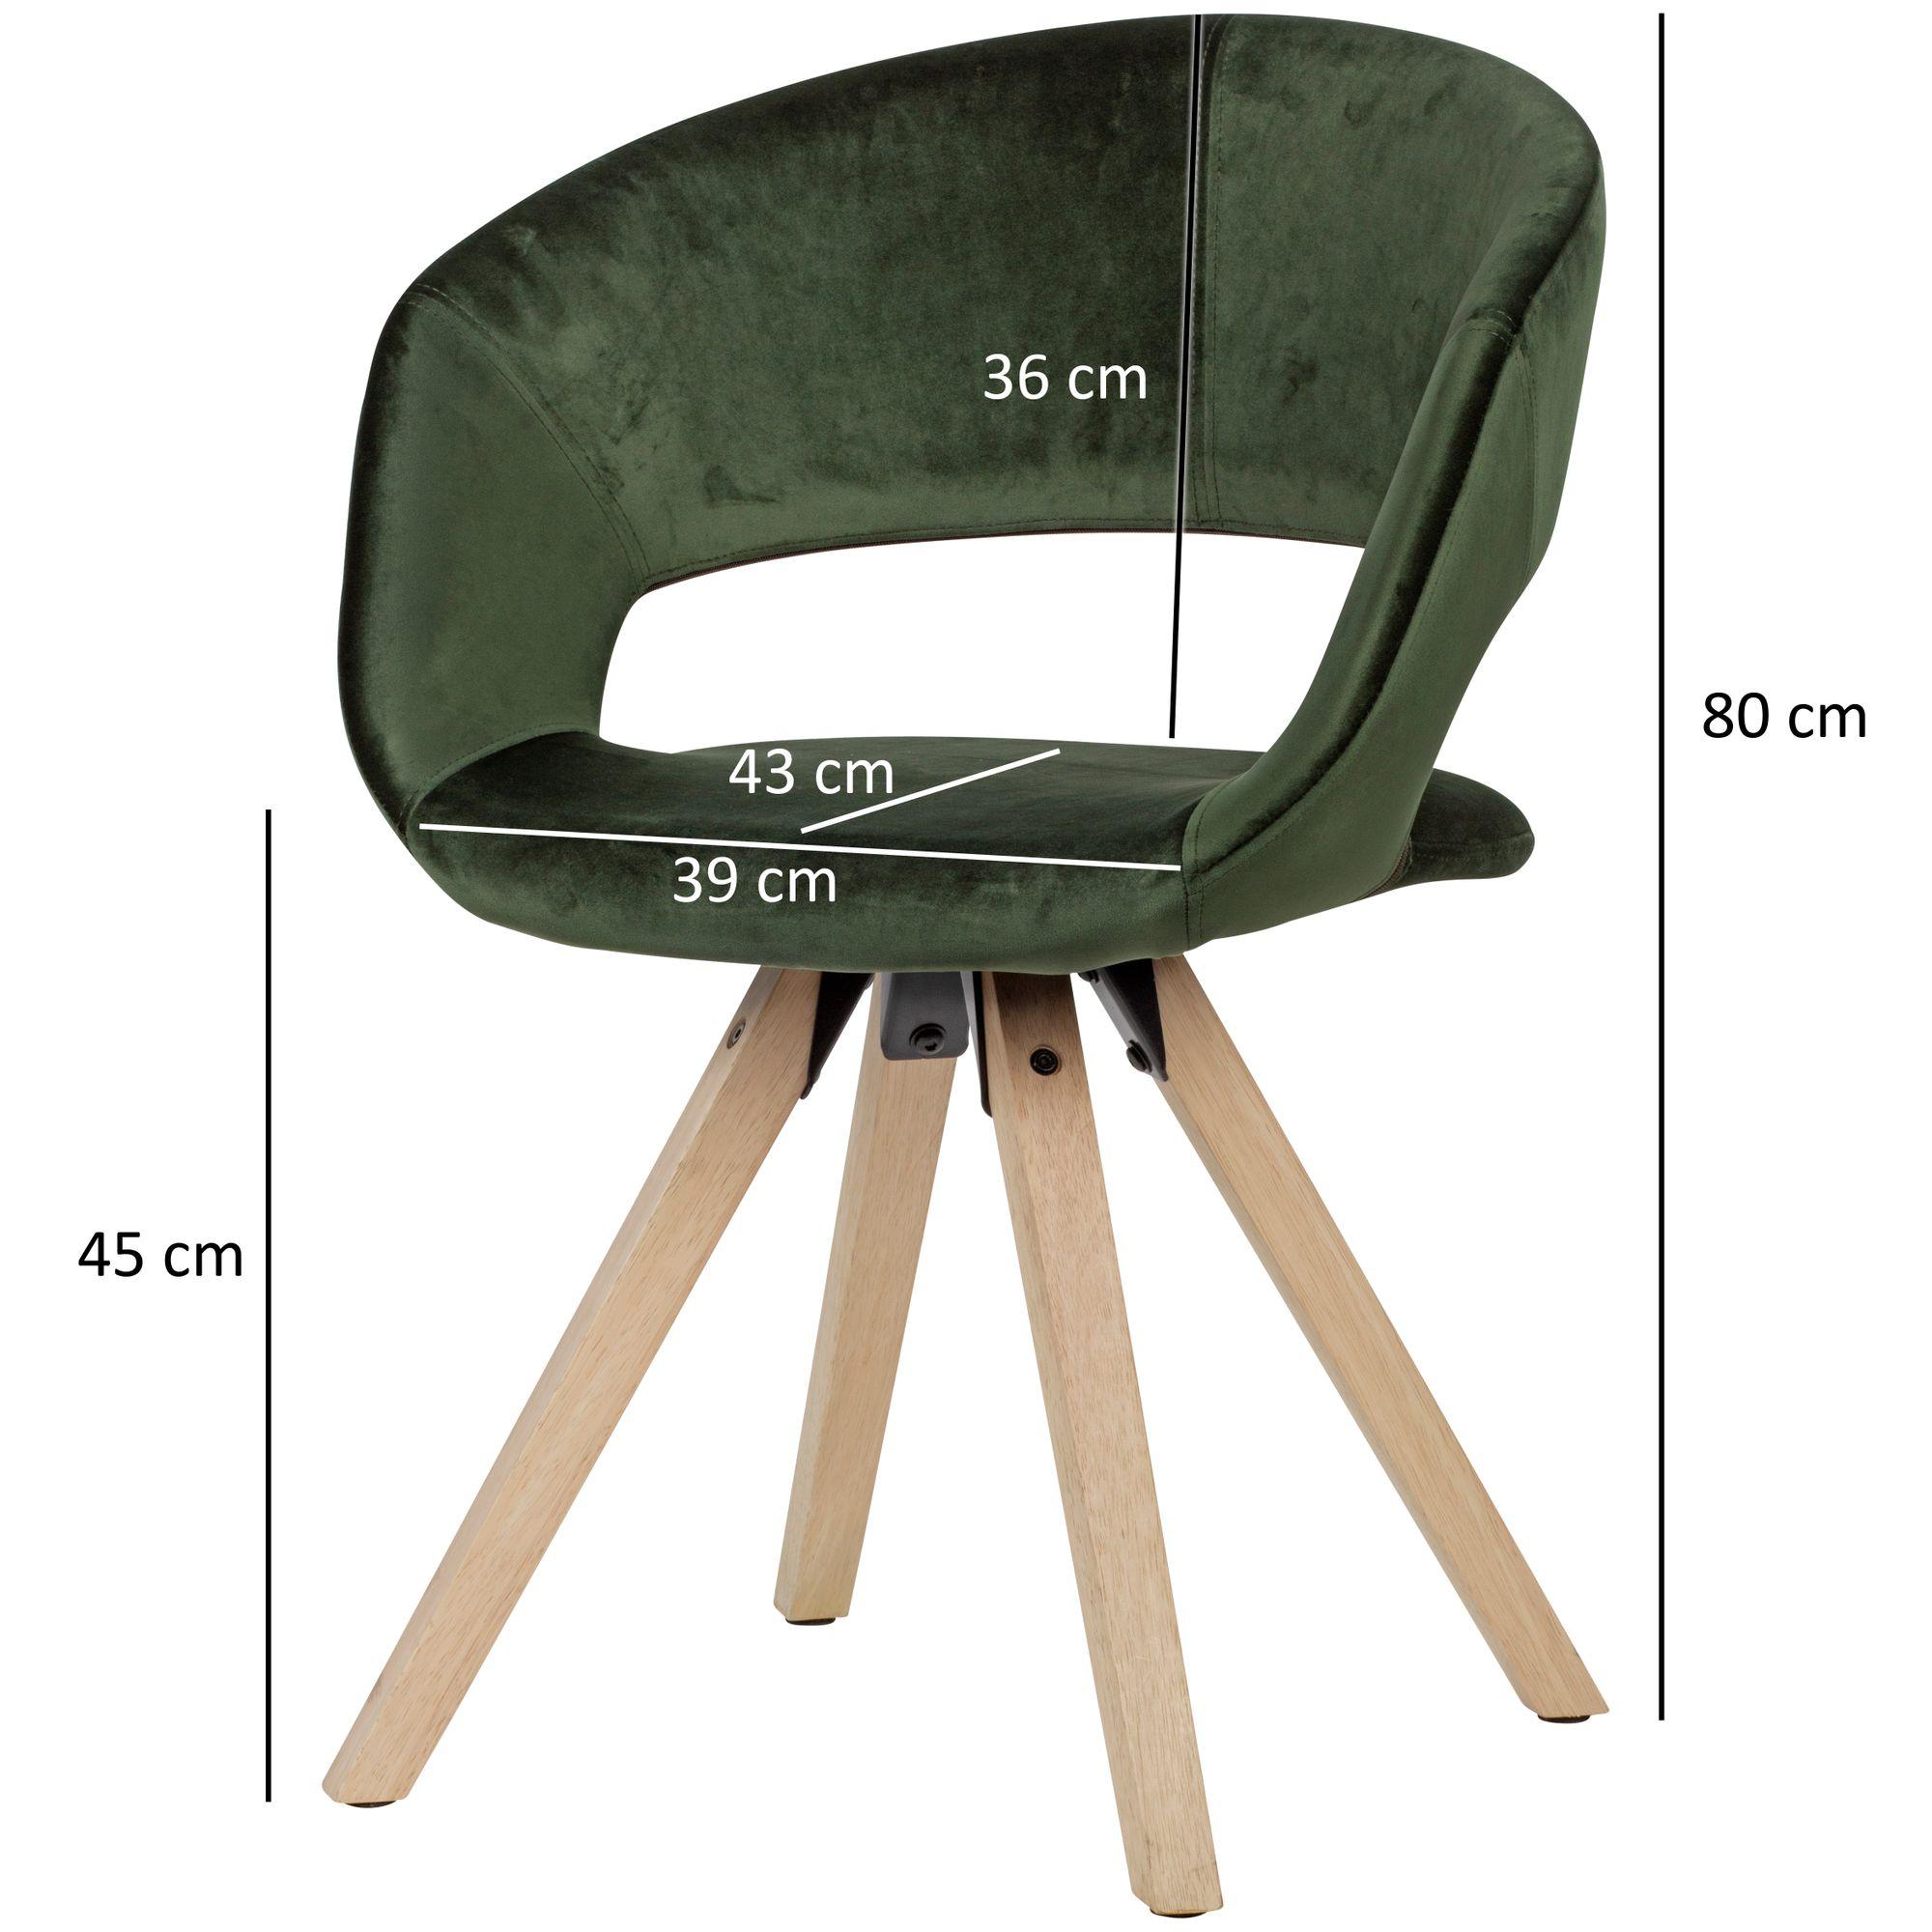 Wohnling Esszimmerstuhl Grun Samt 110kg Kuchenstuhl Mit Lehne Stuhl Stoff Modern